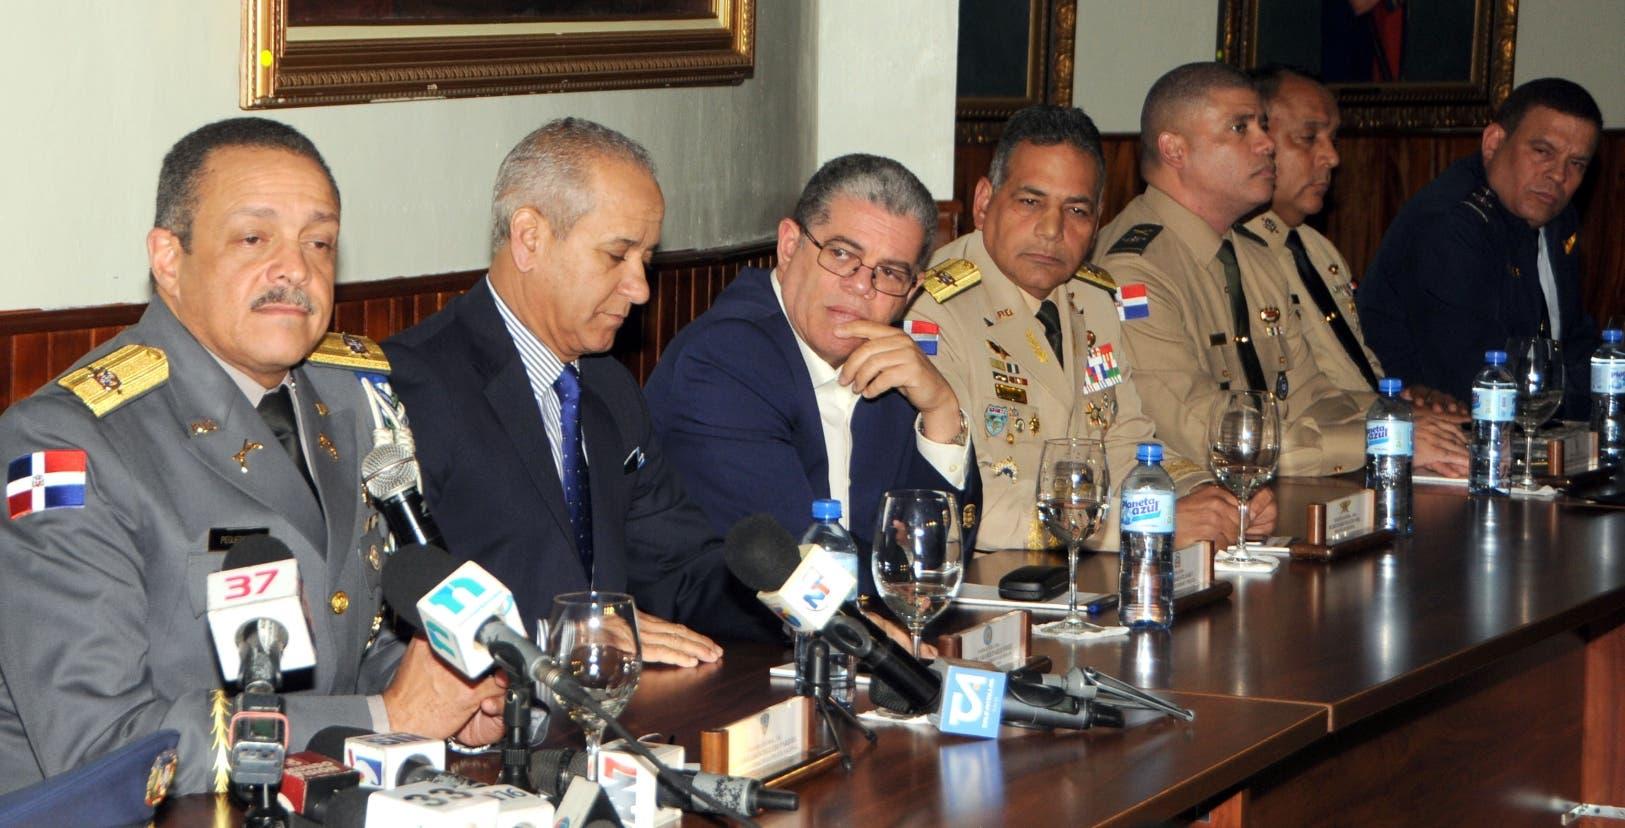 Los organismos de seguridad del Estado persiguen al exmiembro del Ejército de República Dominicana